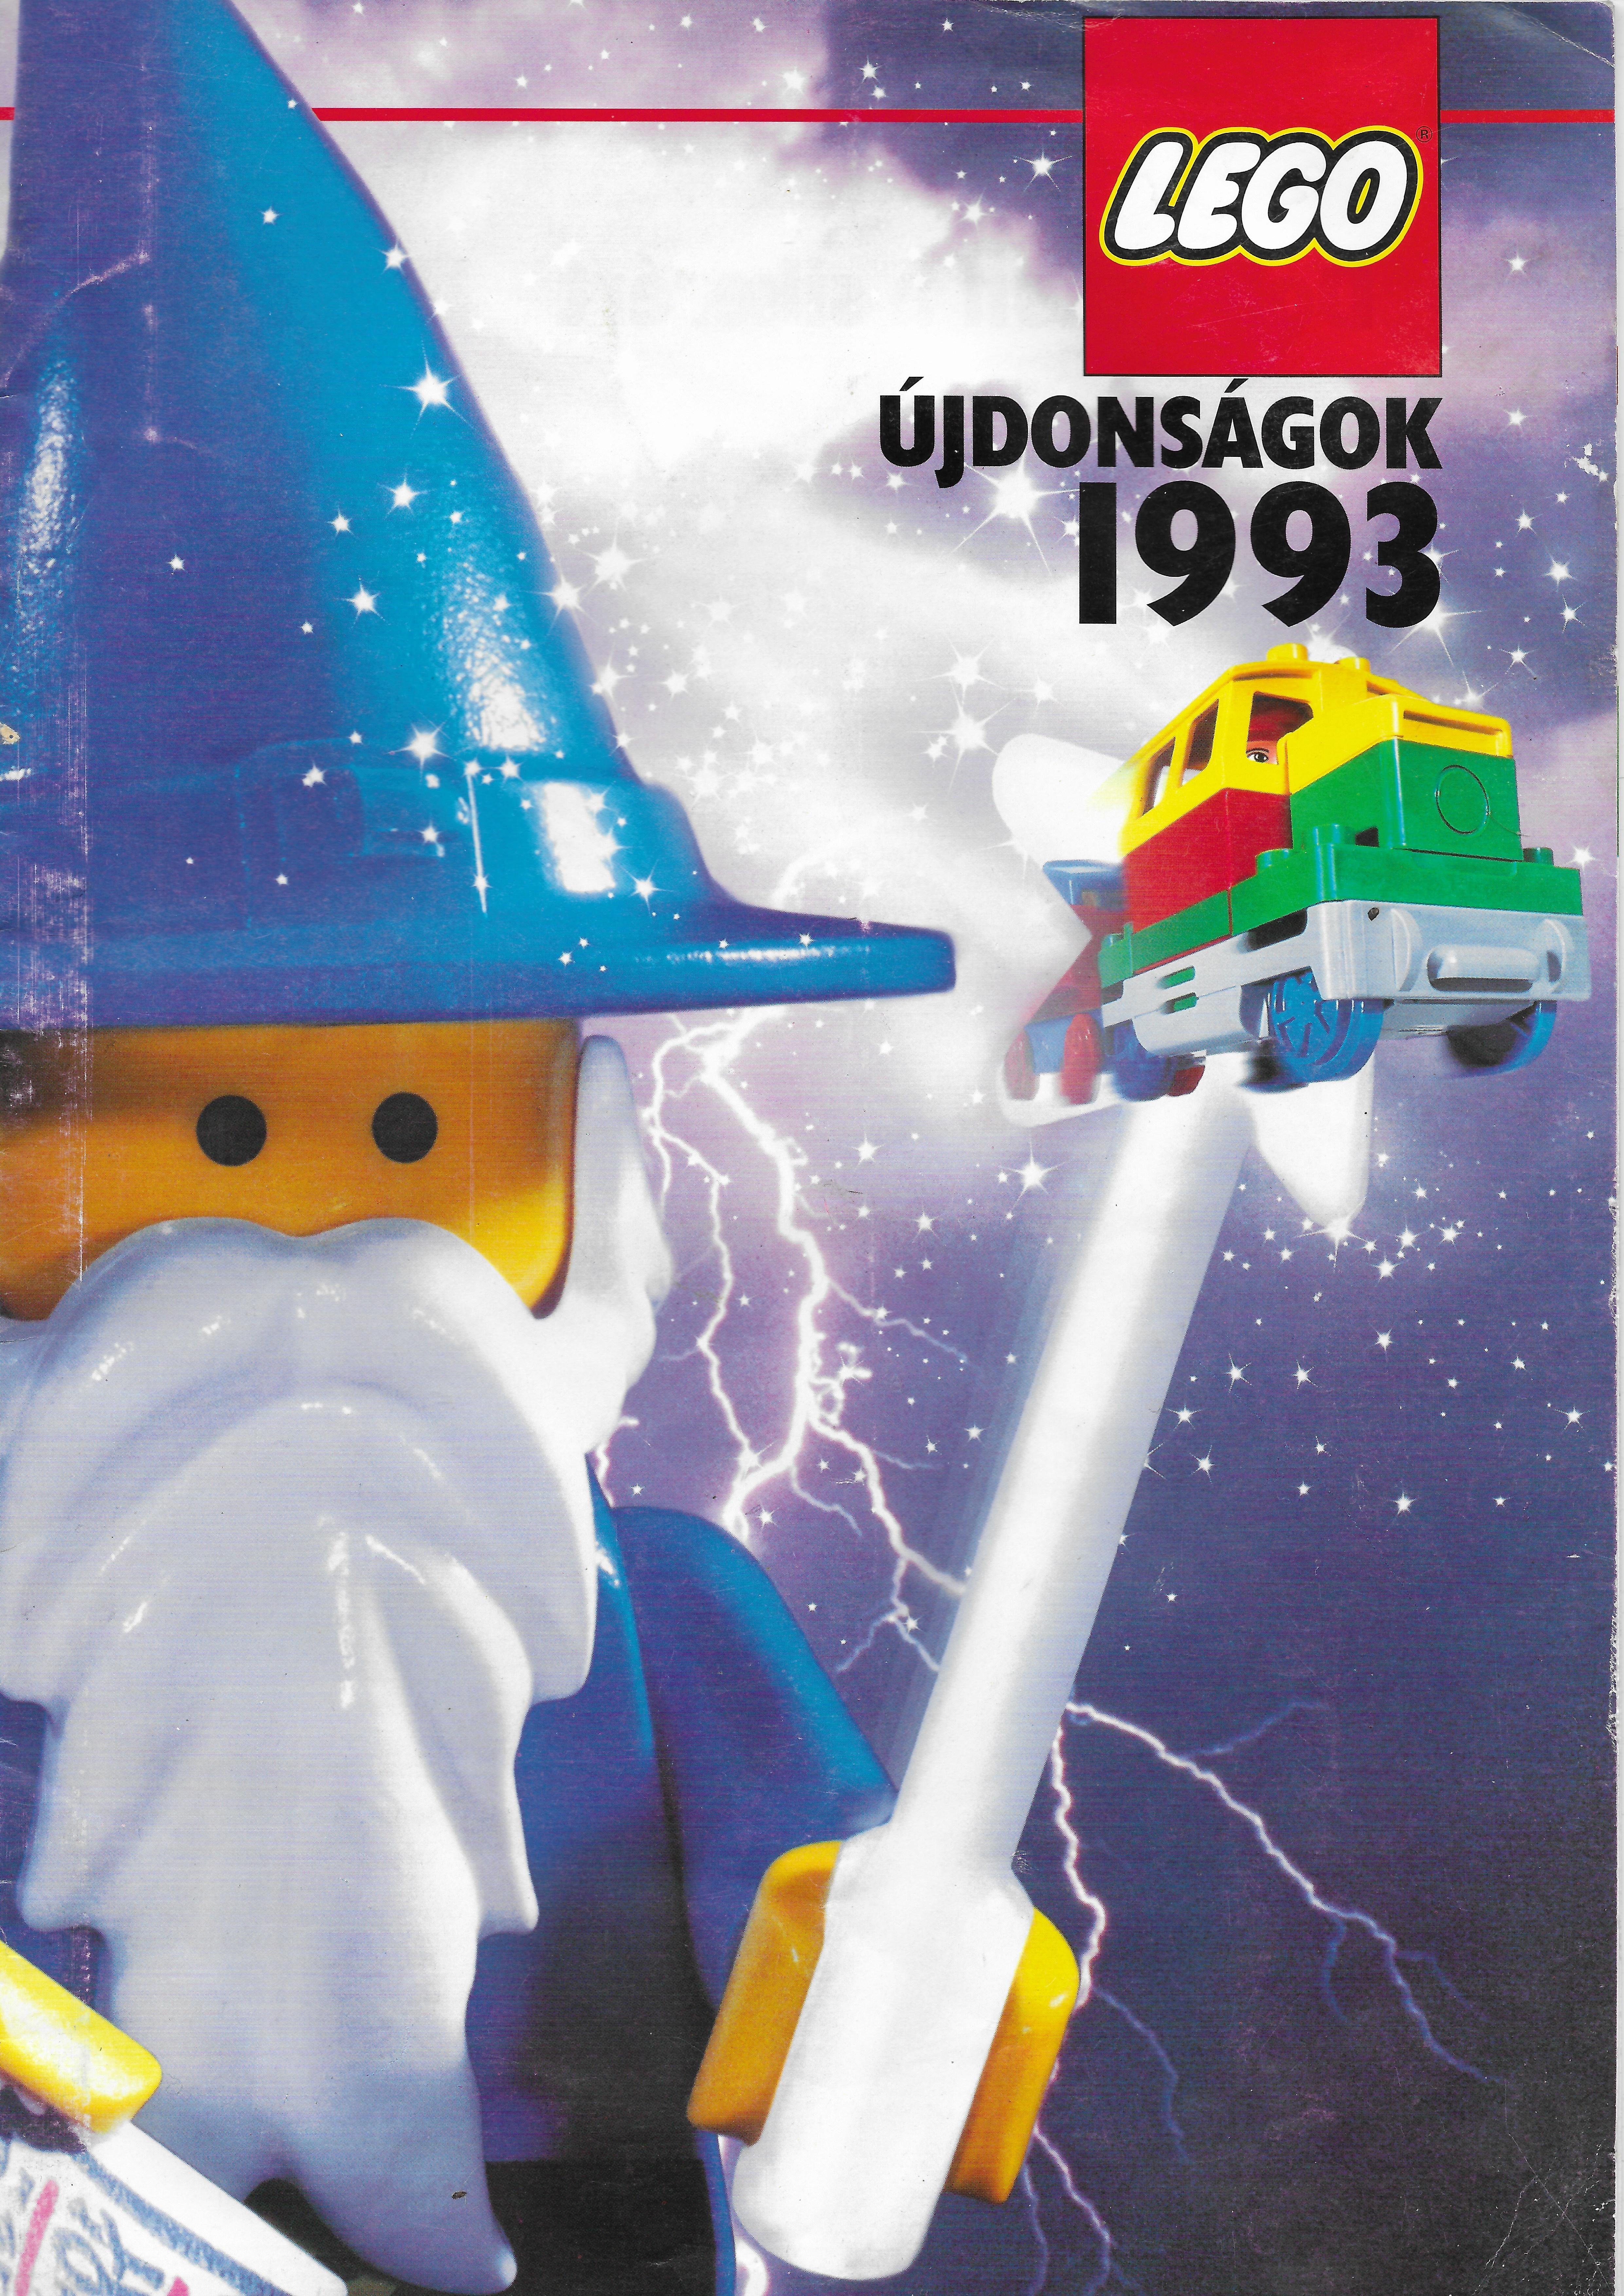 Magyar nyelvű, kereskedőknek szóló Lego reklámanyag 1993-ból